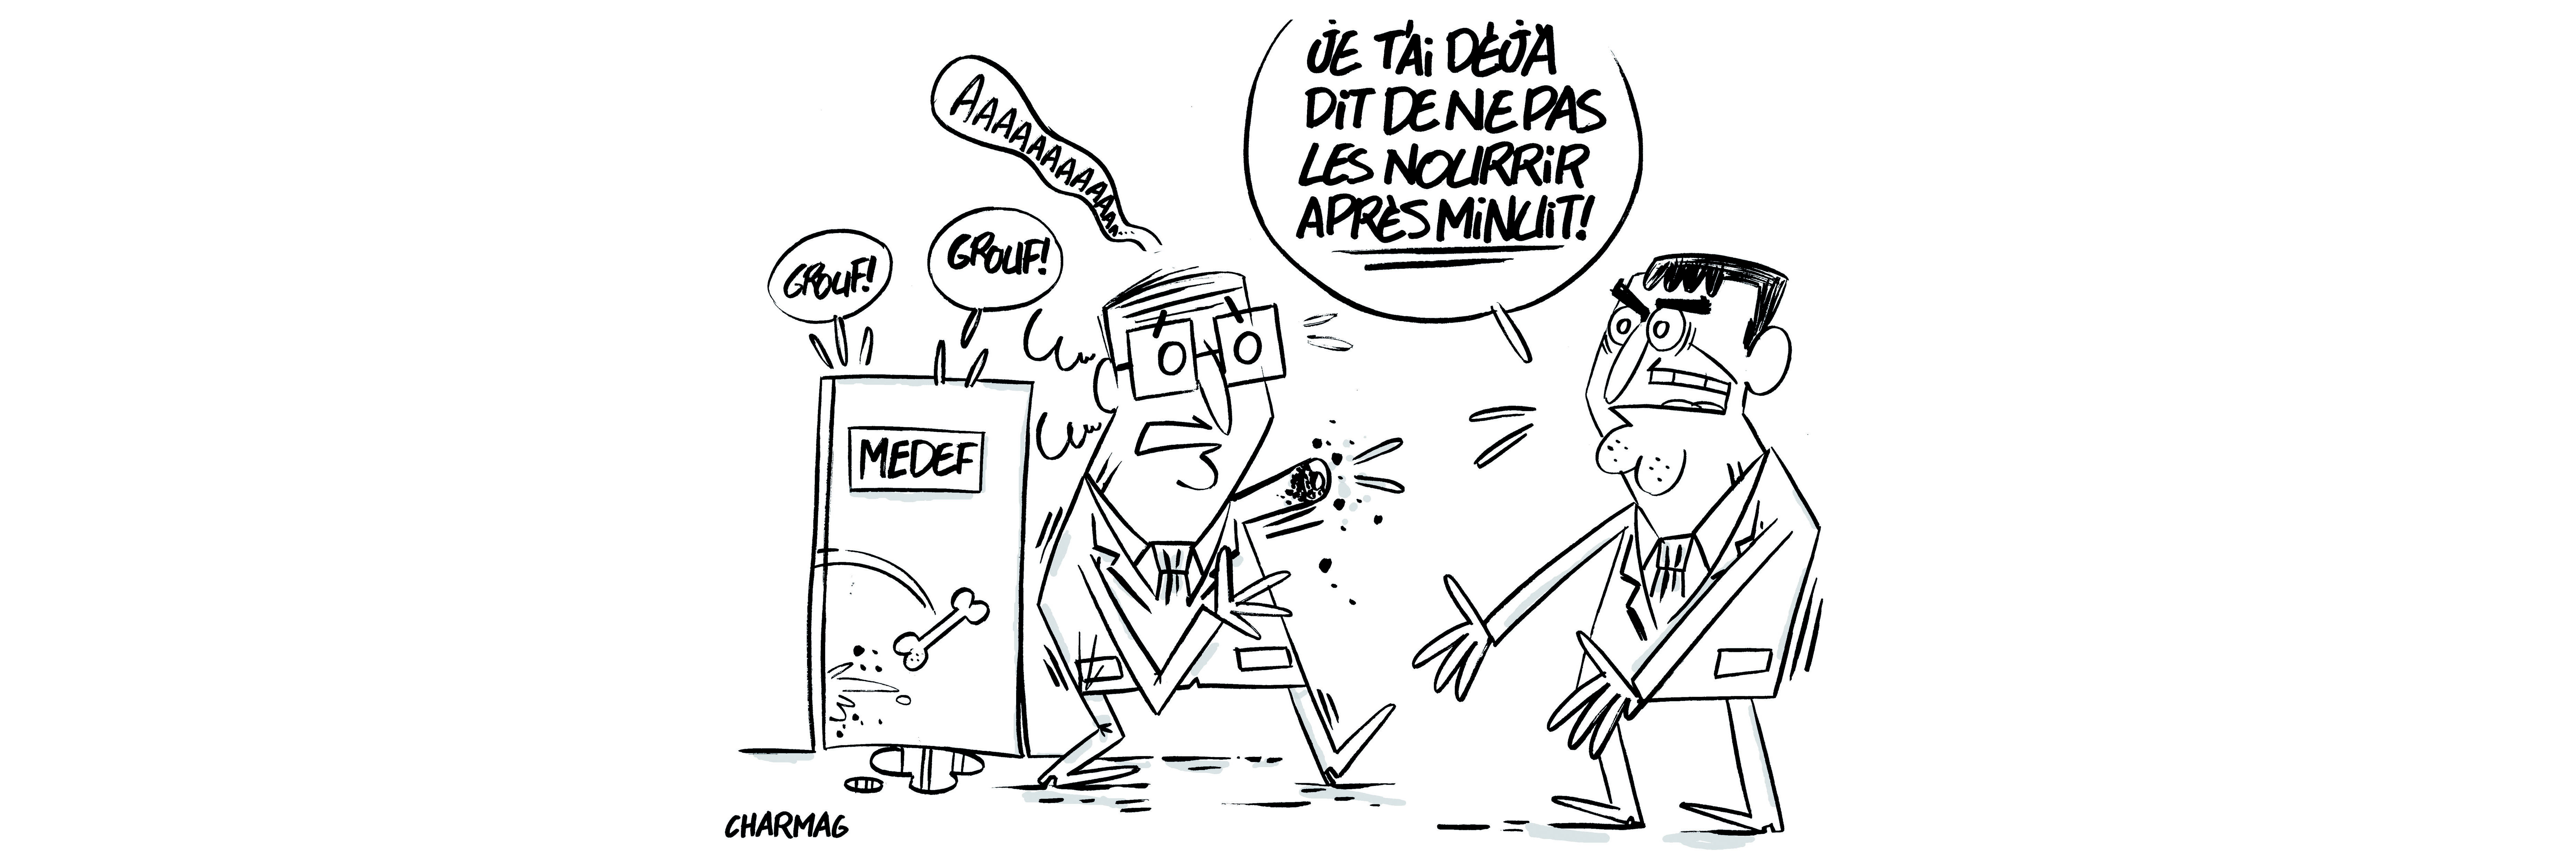 Valls et le Medef : premier prix de comédie!